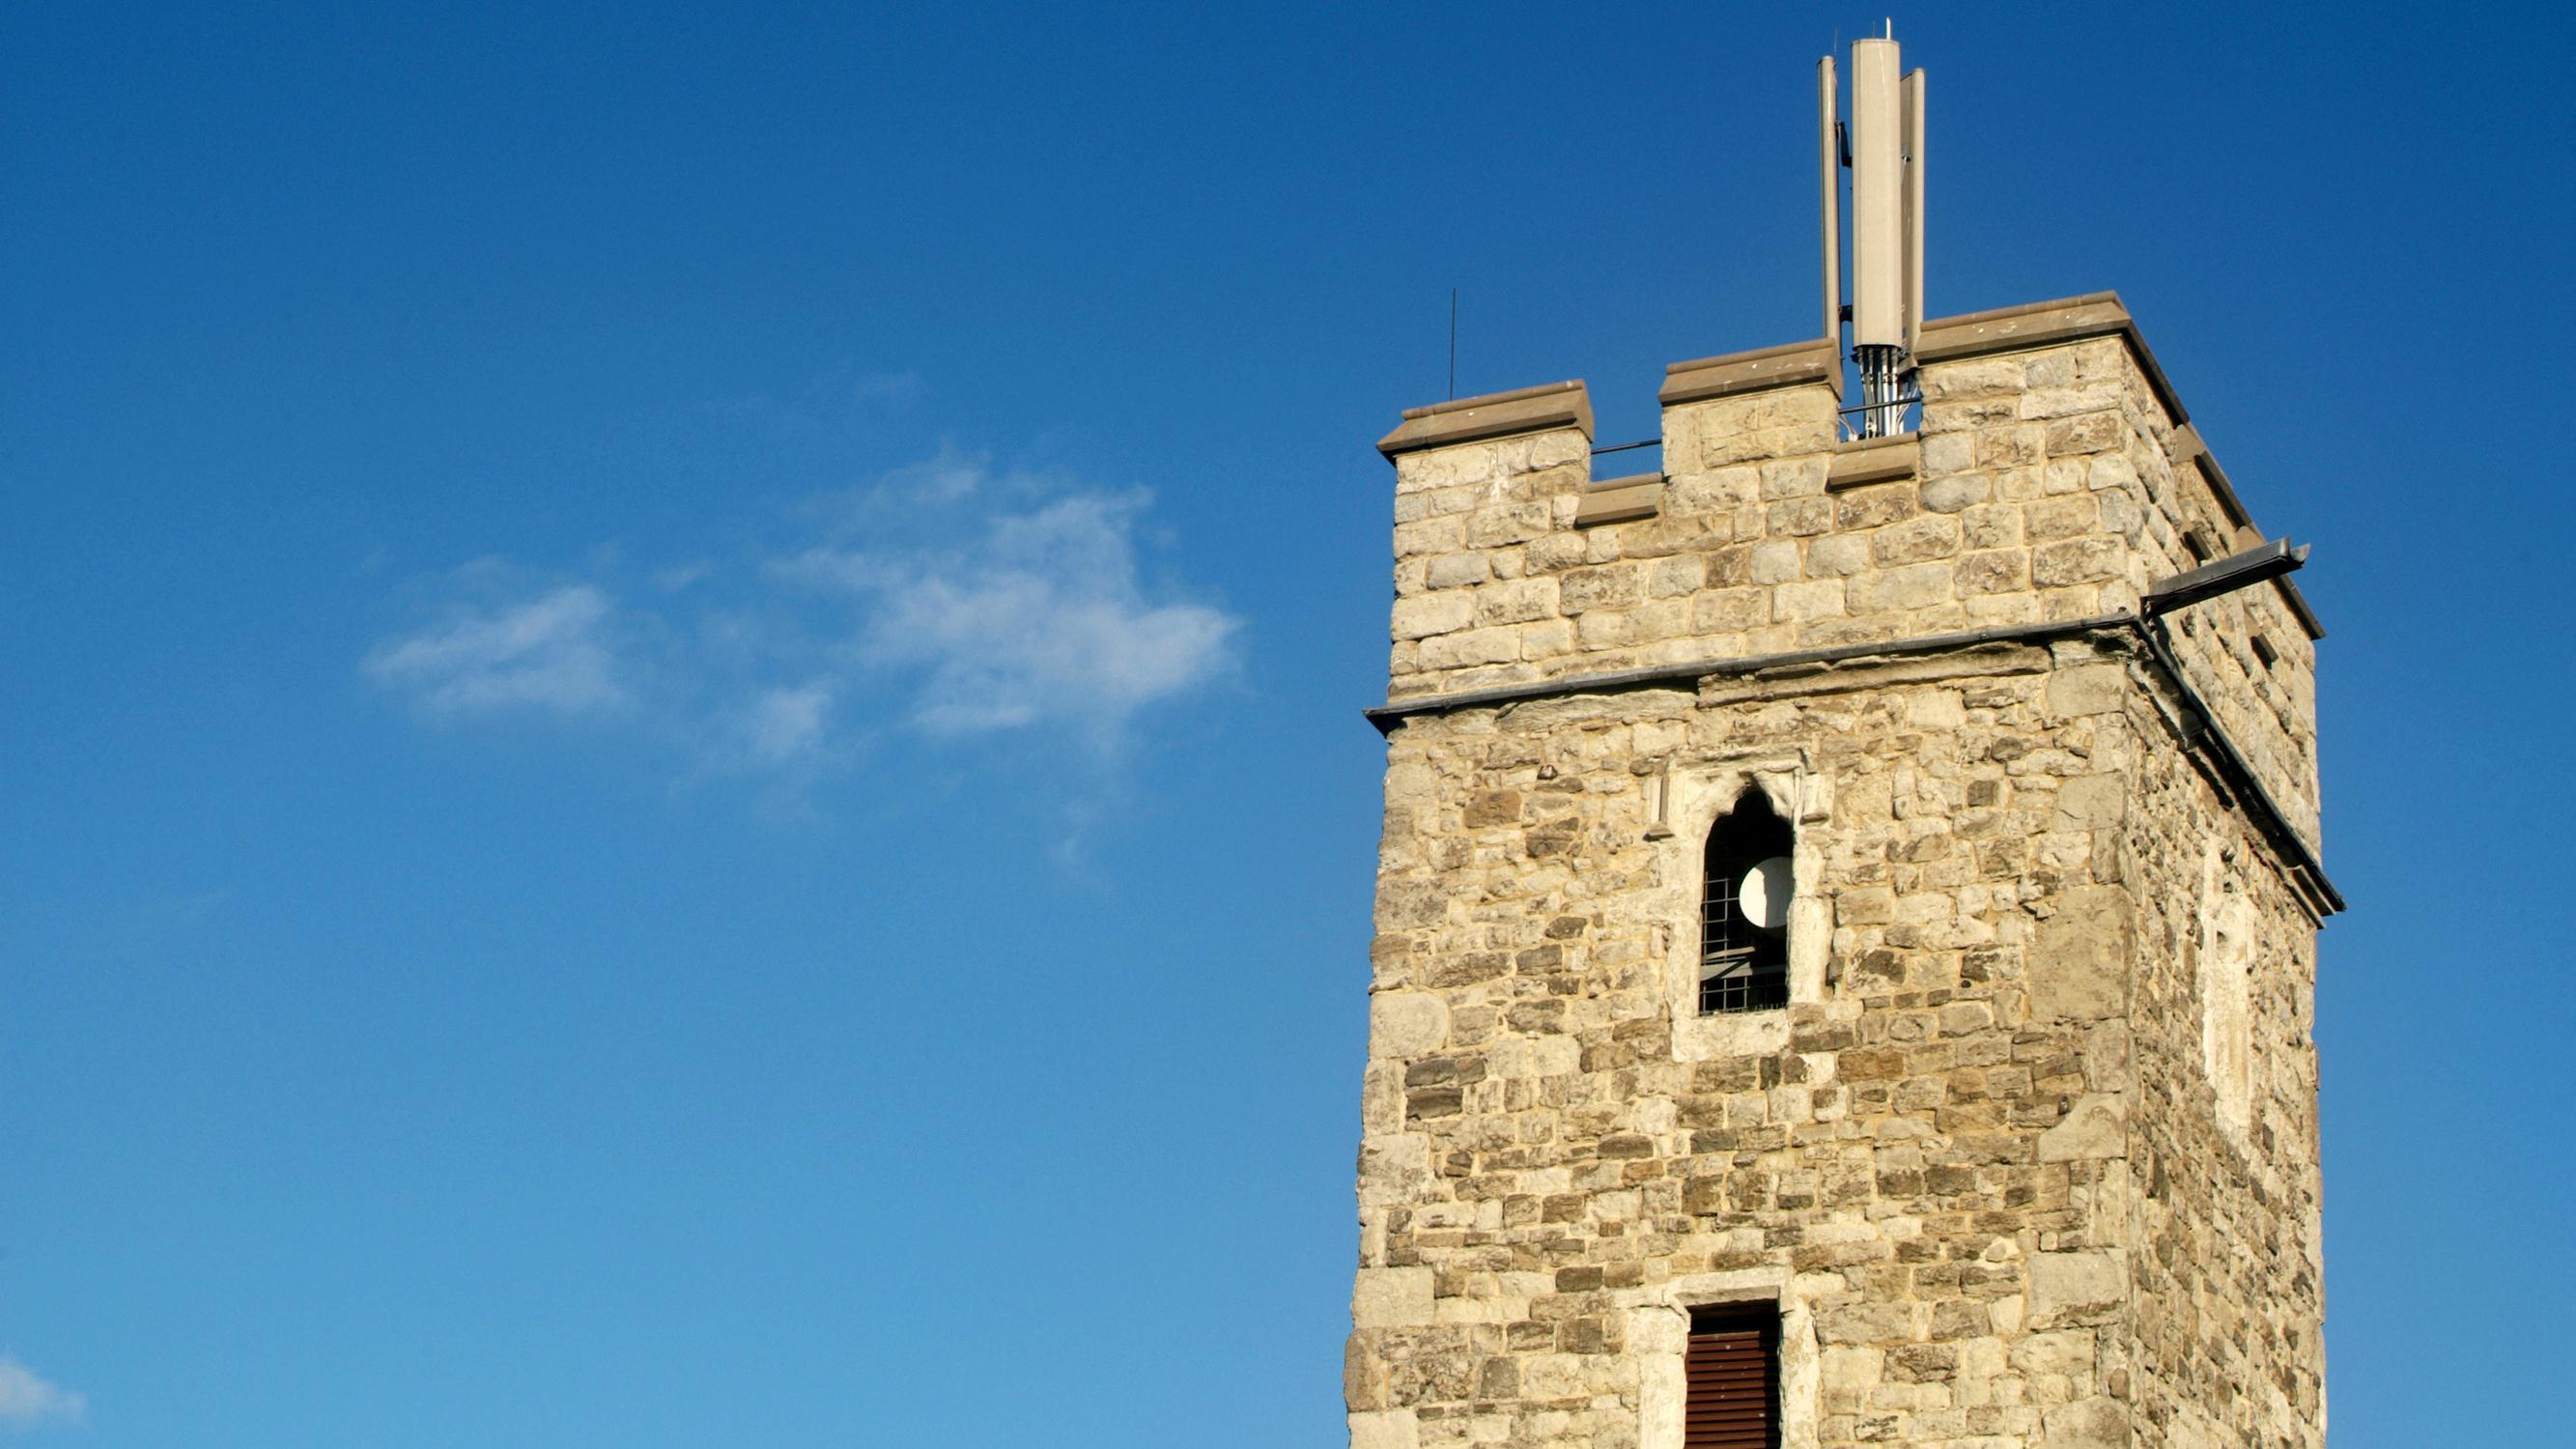 Британские церкви скоро начнут раздавать Wi-Fi?